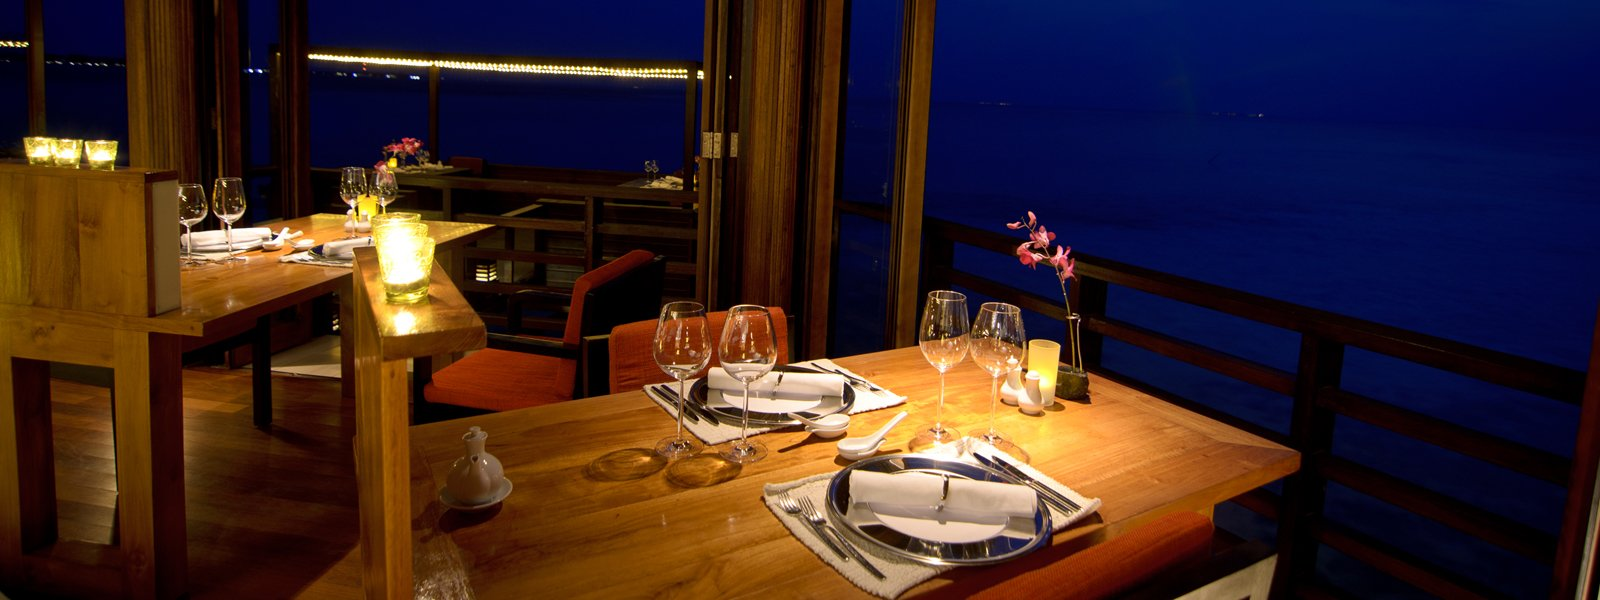 SunsetRestaurant24Croptam-1600x600